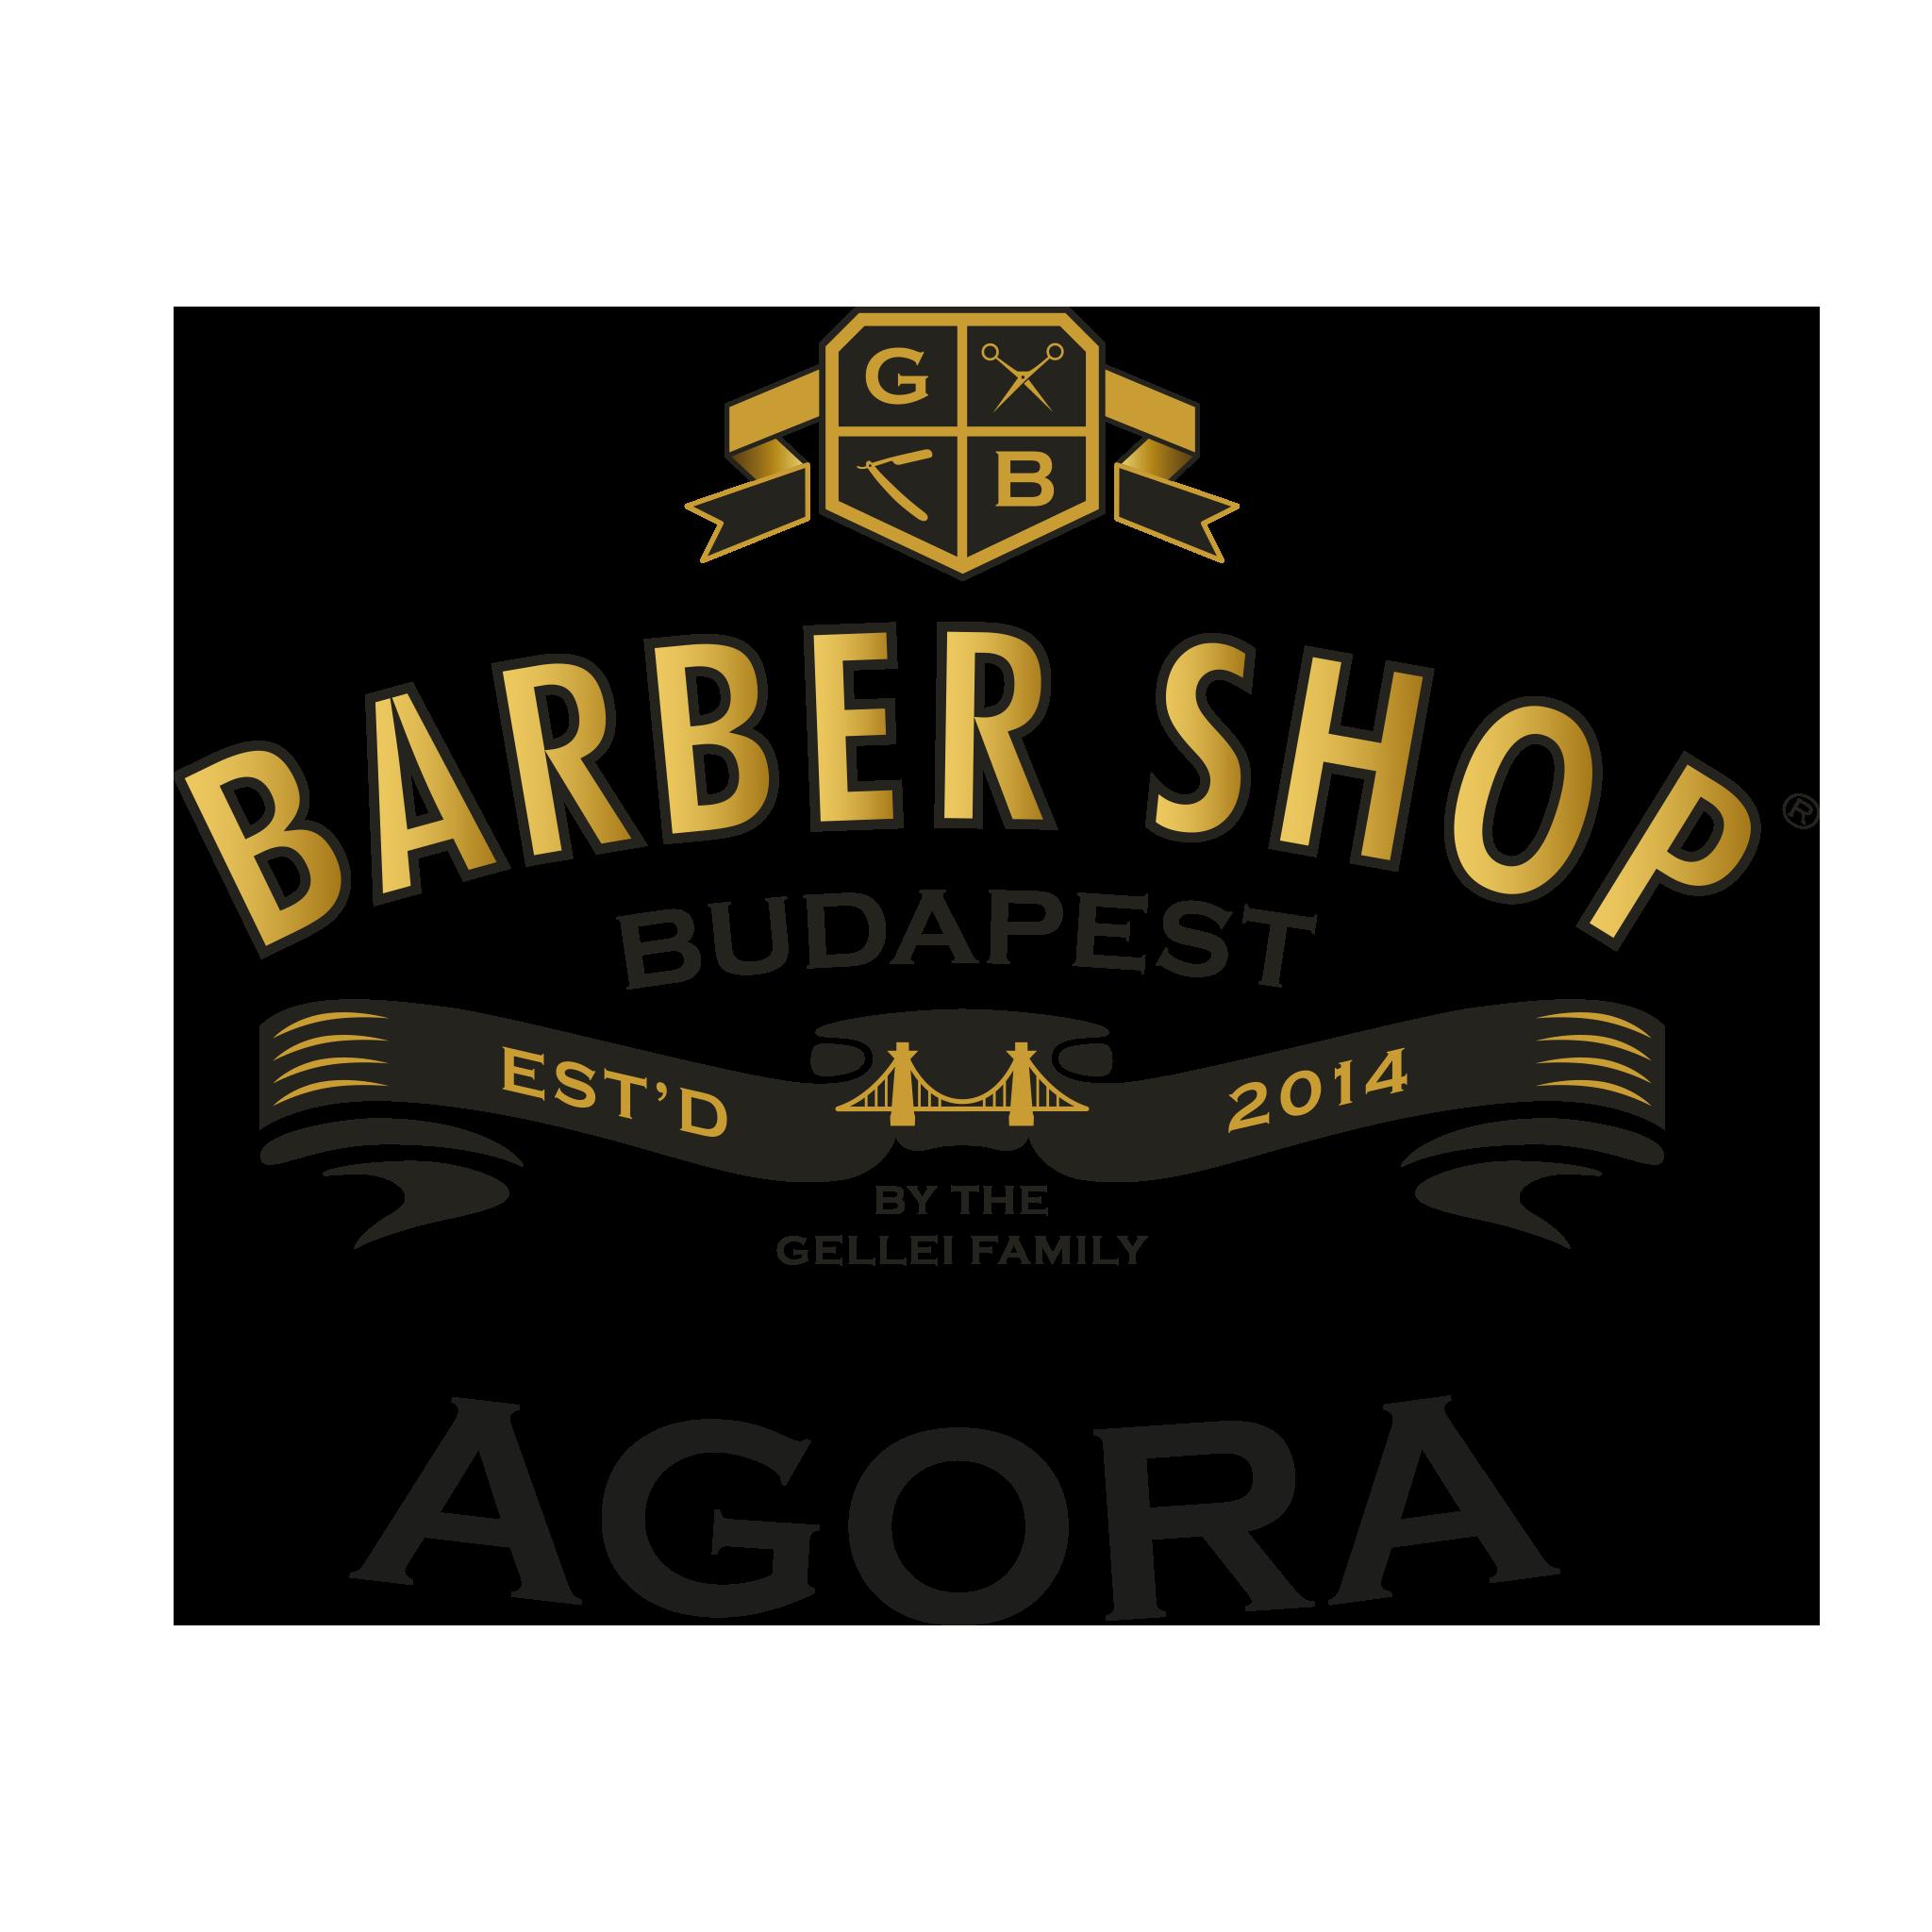 Barber Shop Budapest – Agora